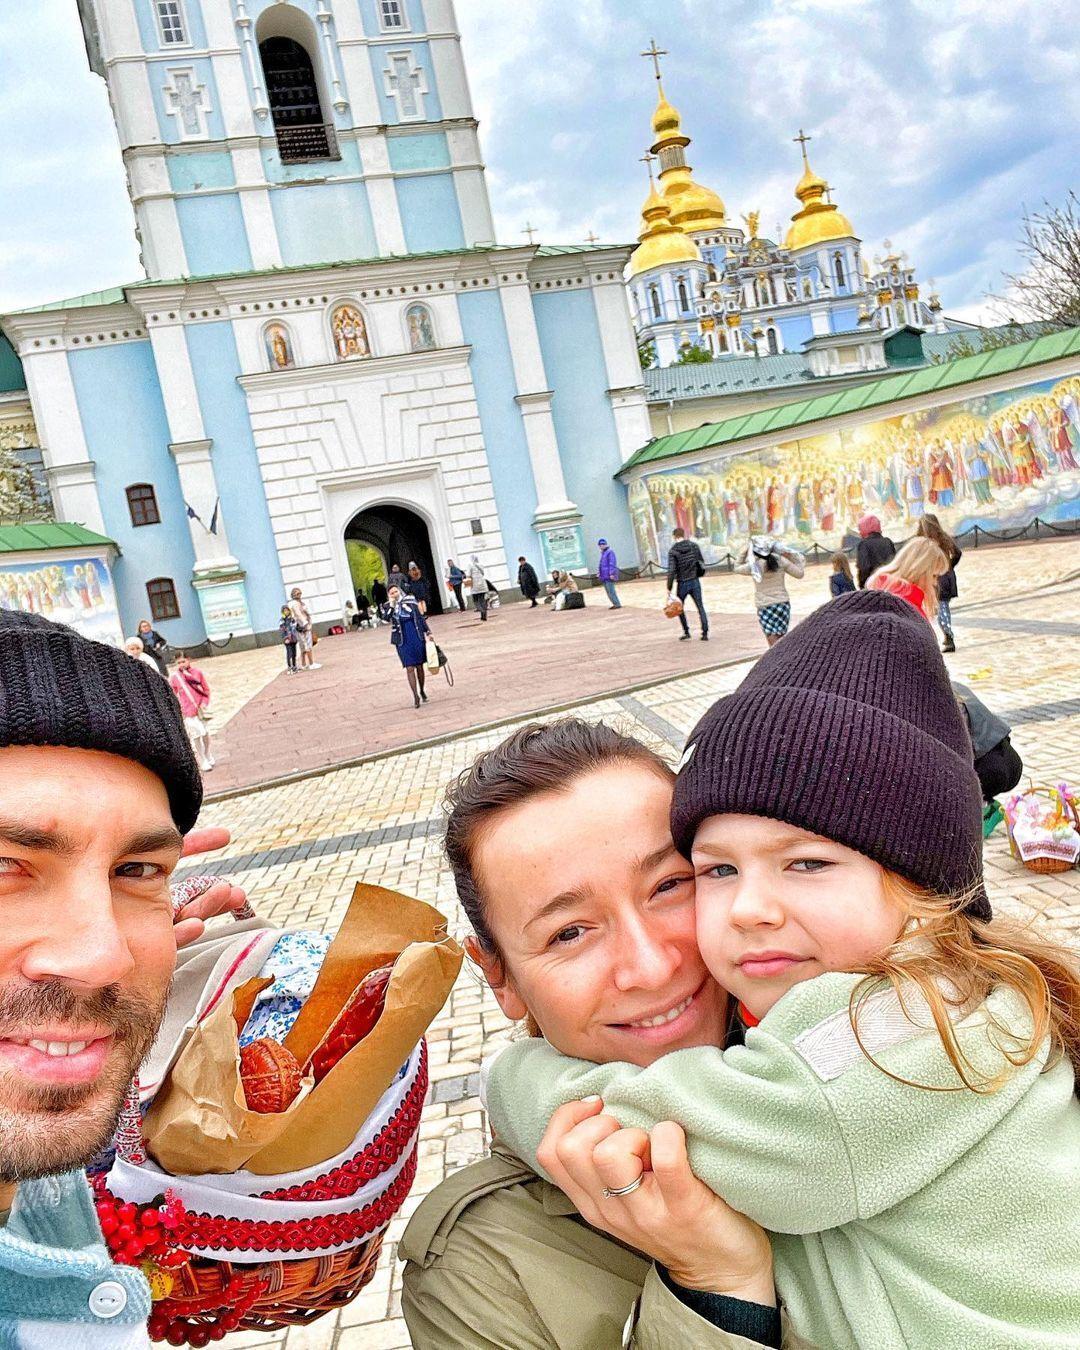 Бедняков поделился совместным фото с супругой и дочерью